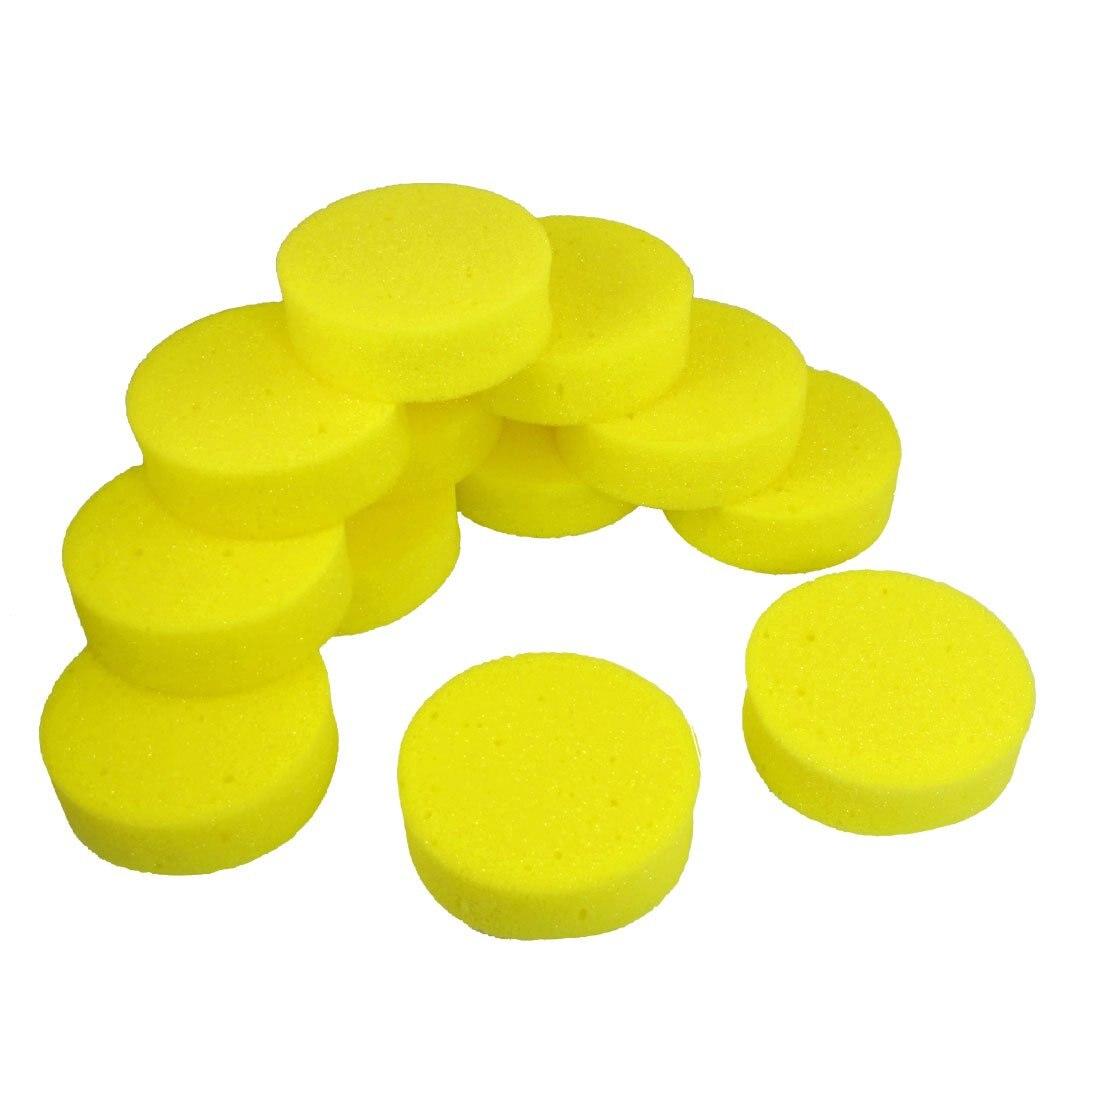 12 шт. 3.9 диаметр желтый круглый мойки Тематические товары про рептилий и земноводных полировальная губка pad